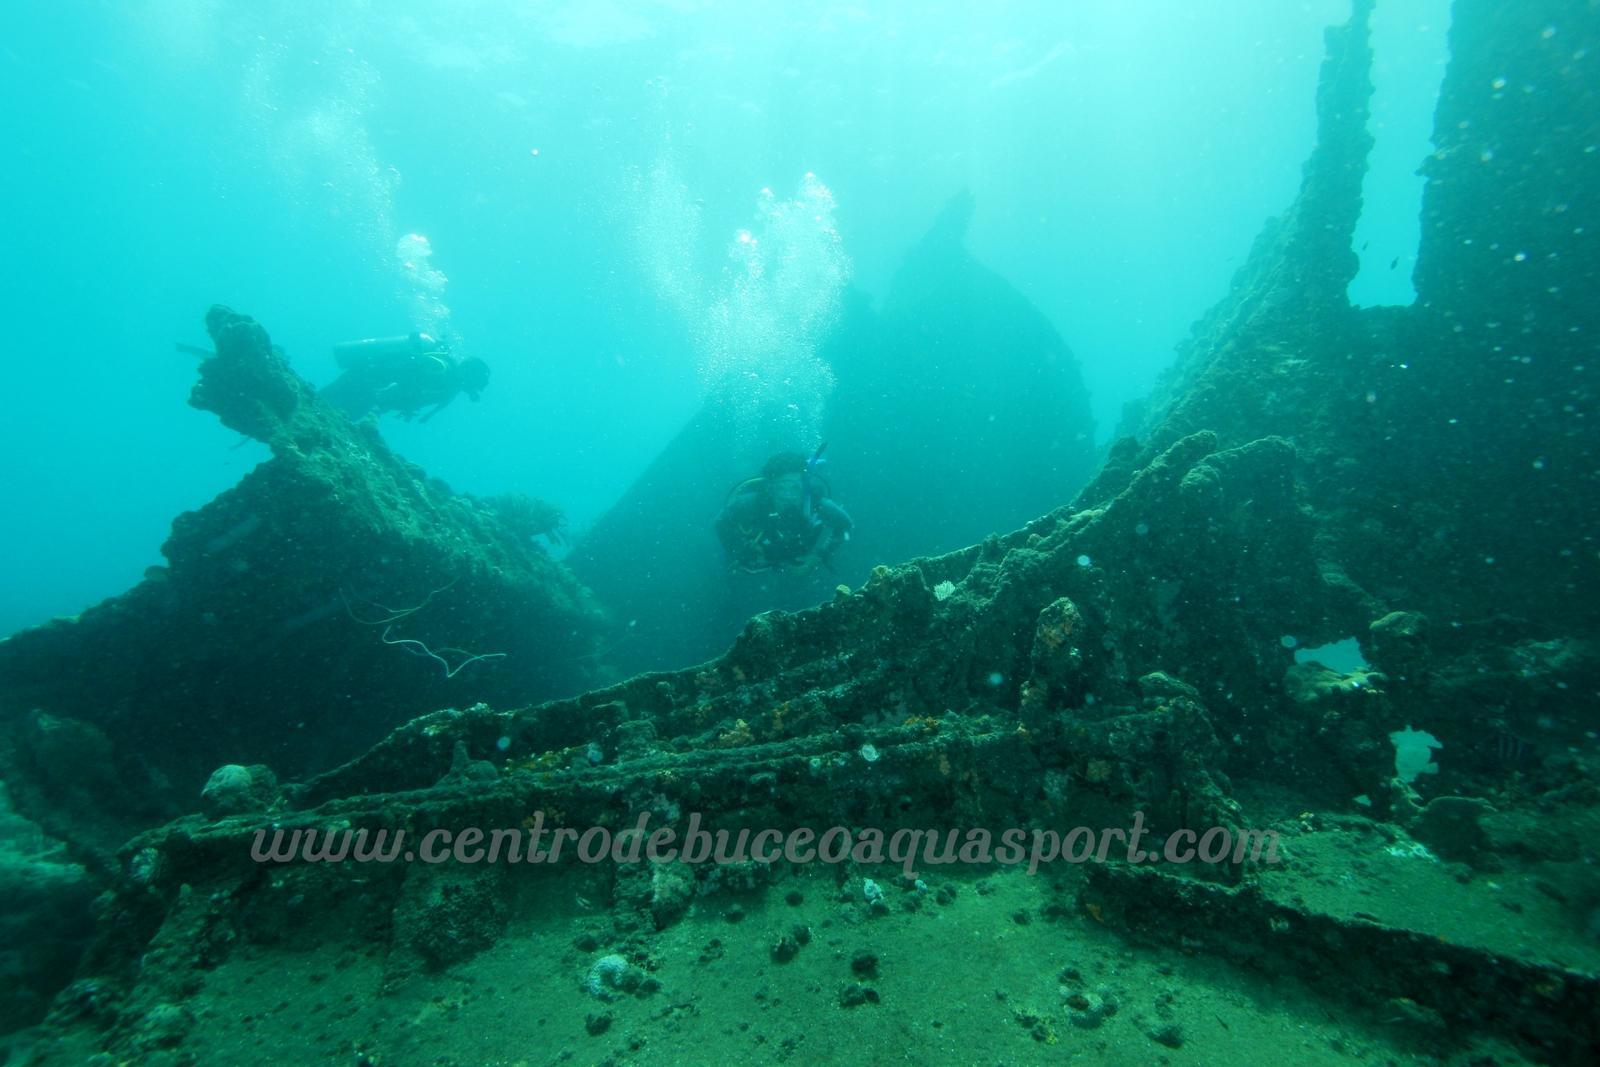 wreck-santa-marta-barco-hundido-aquasport-al-limite-santa-marta